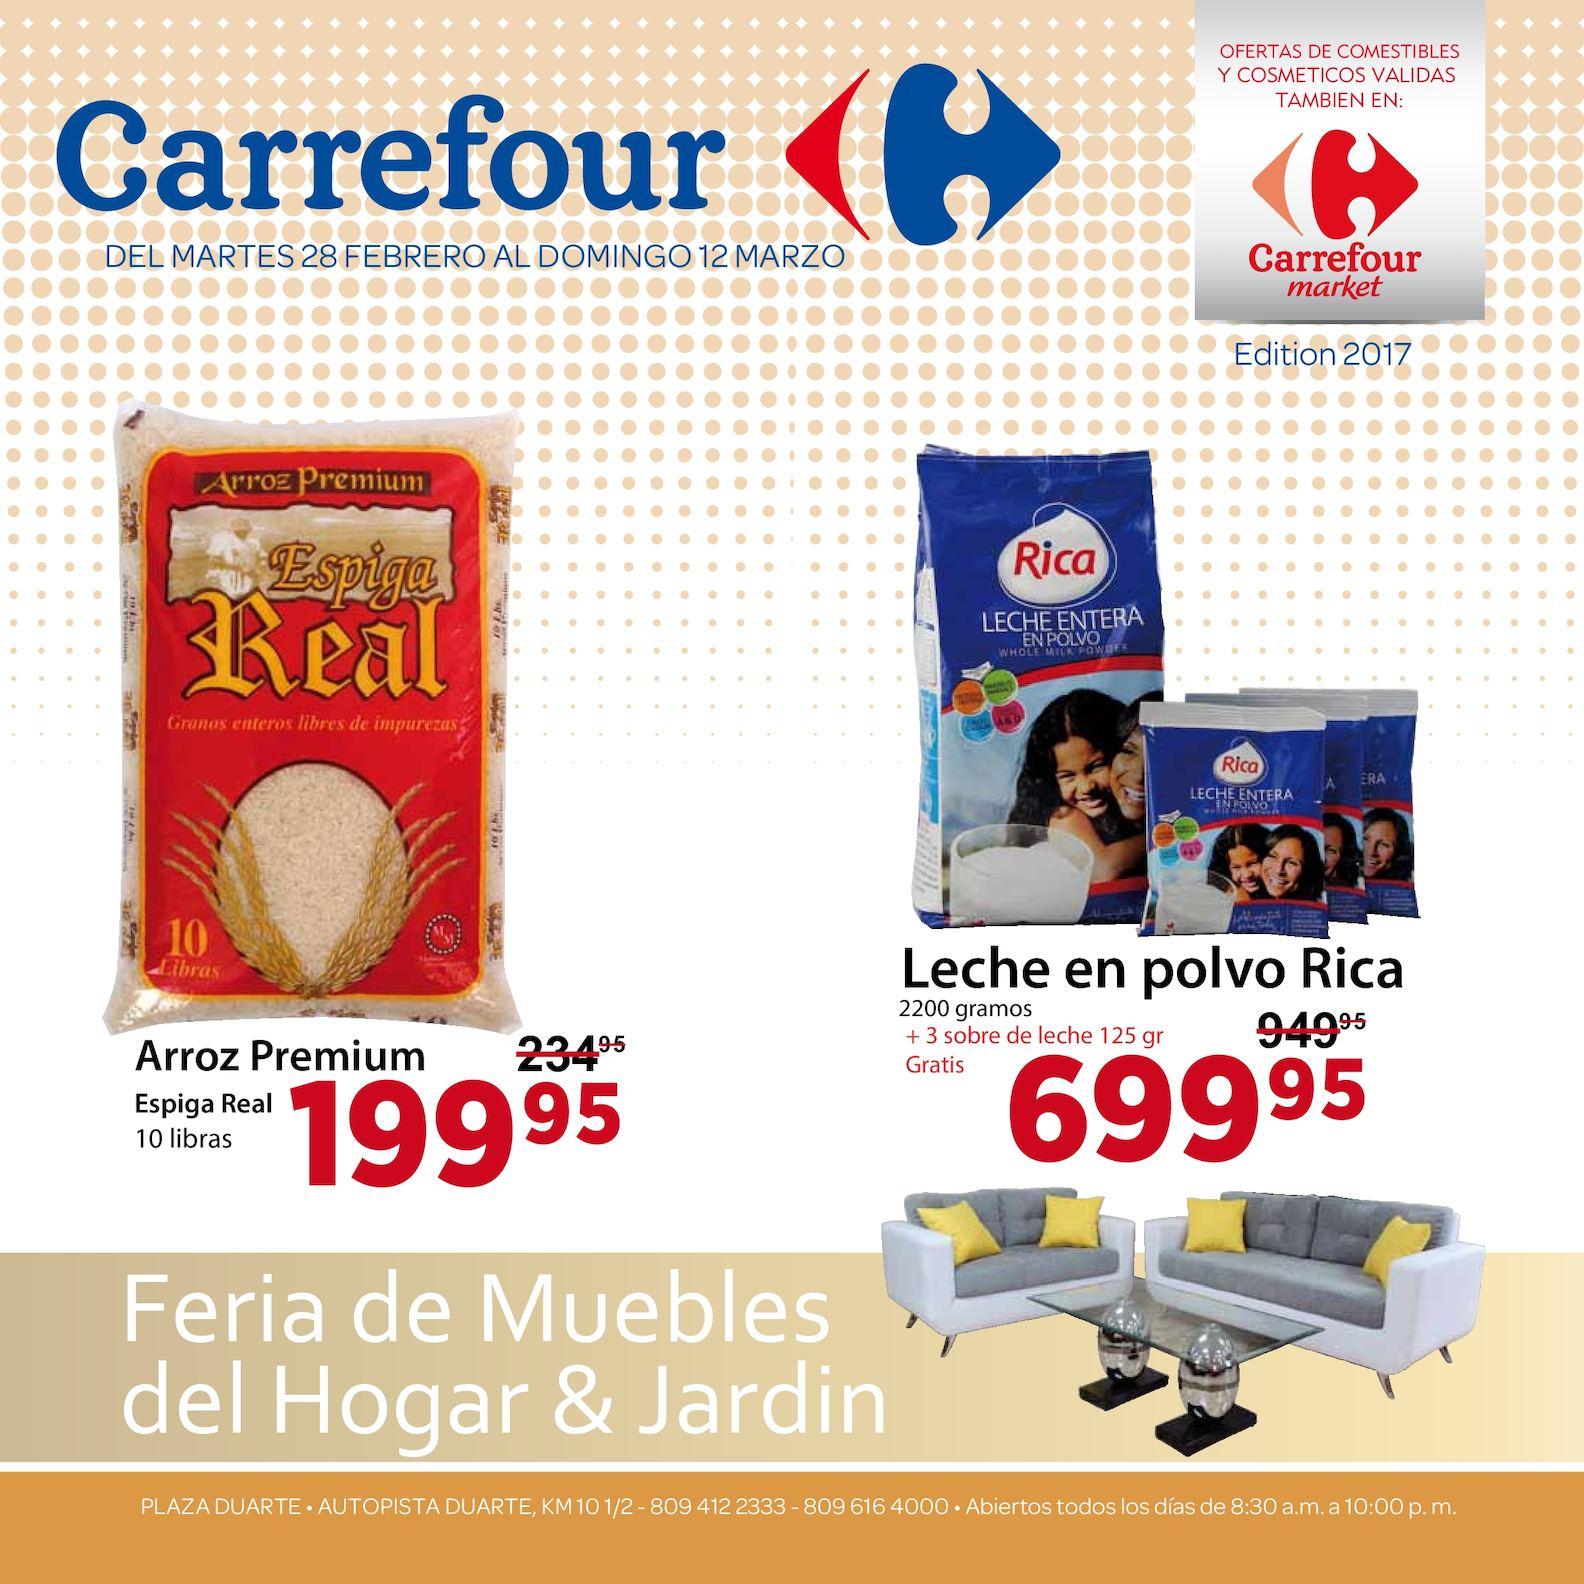 Calaméo - Feria de muebles del hogar y jardín